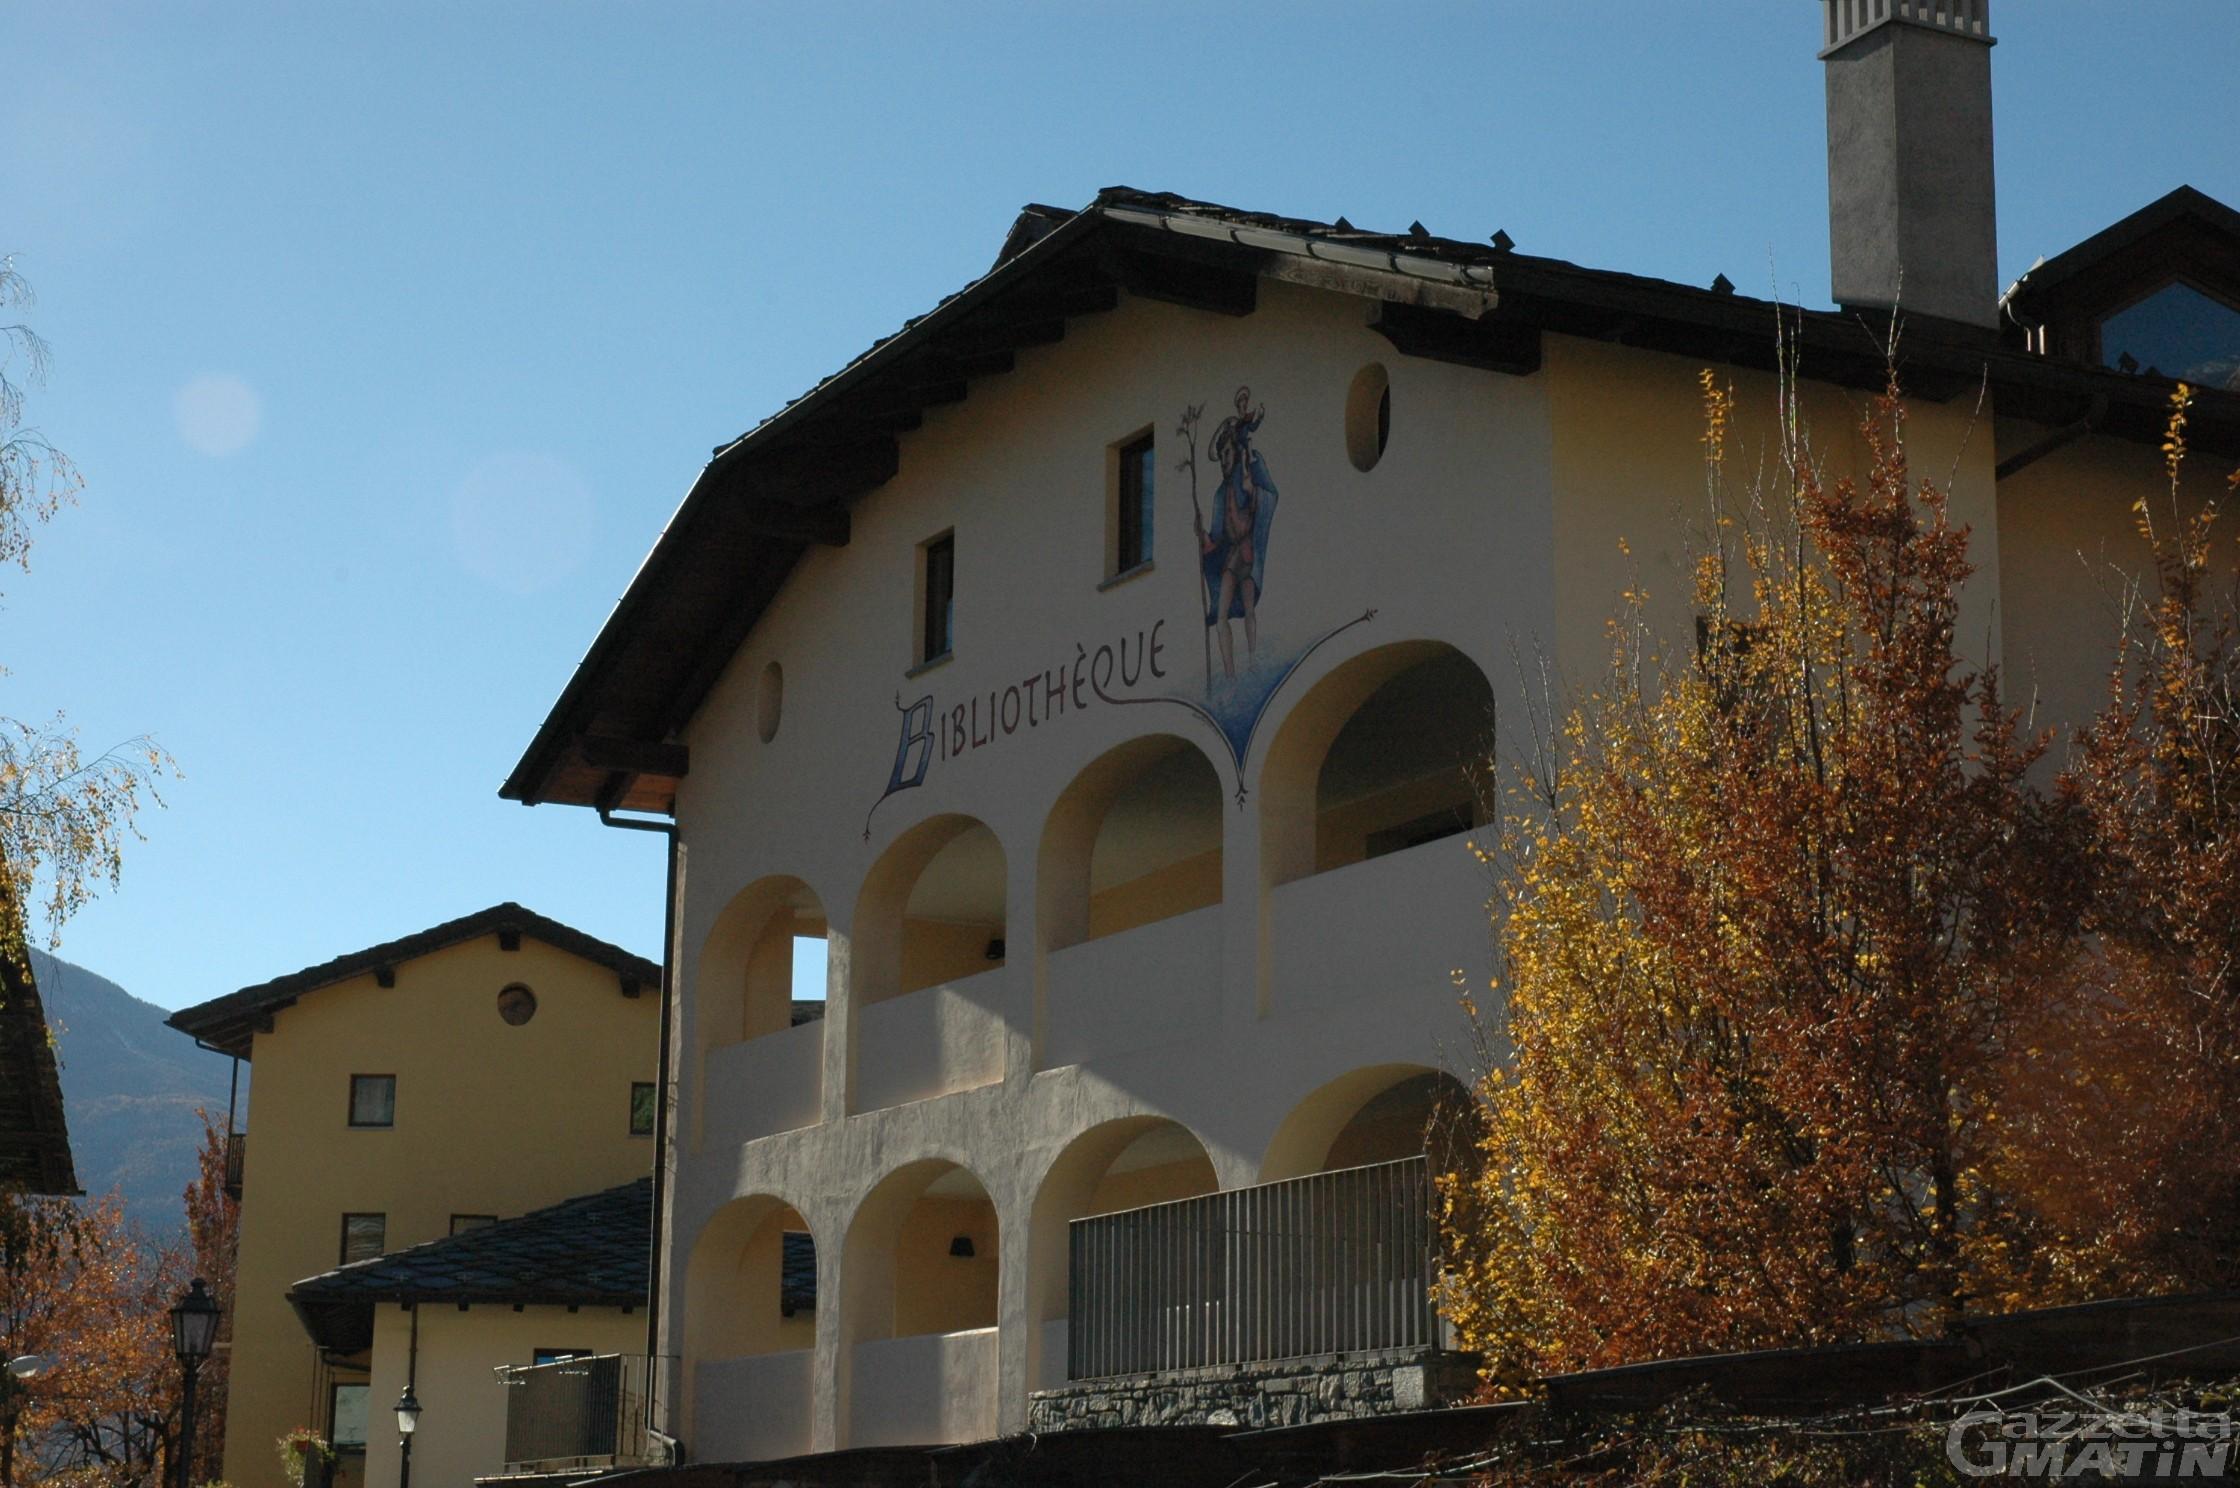 Saint-Christophe: la biblioteca intitolata alla 'guaritrice' Geppina Pallais